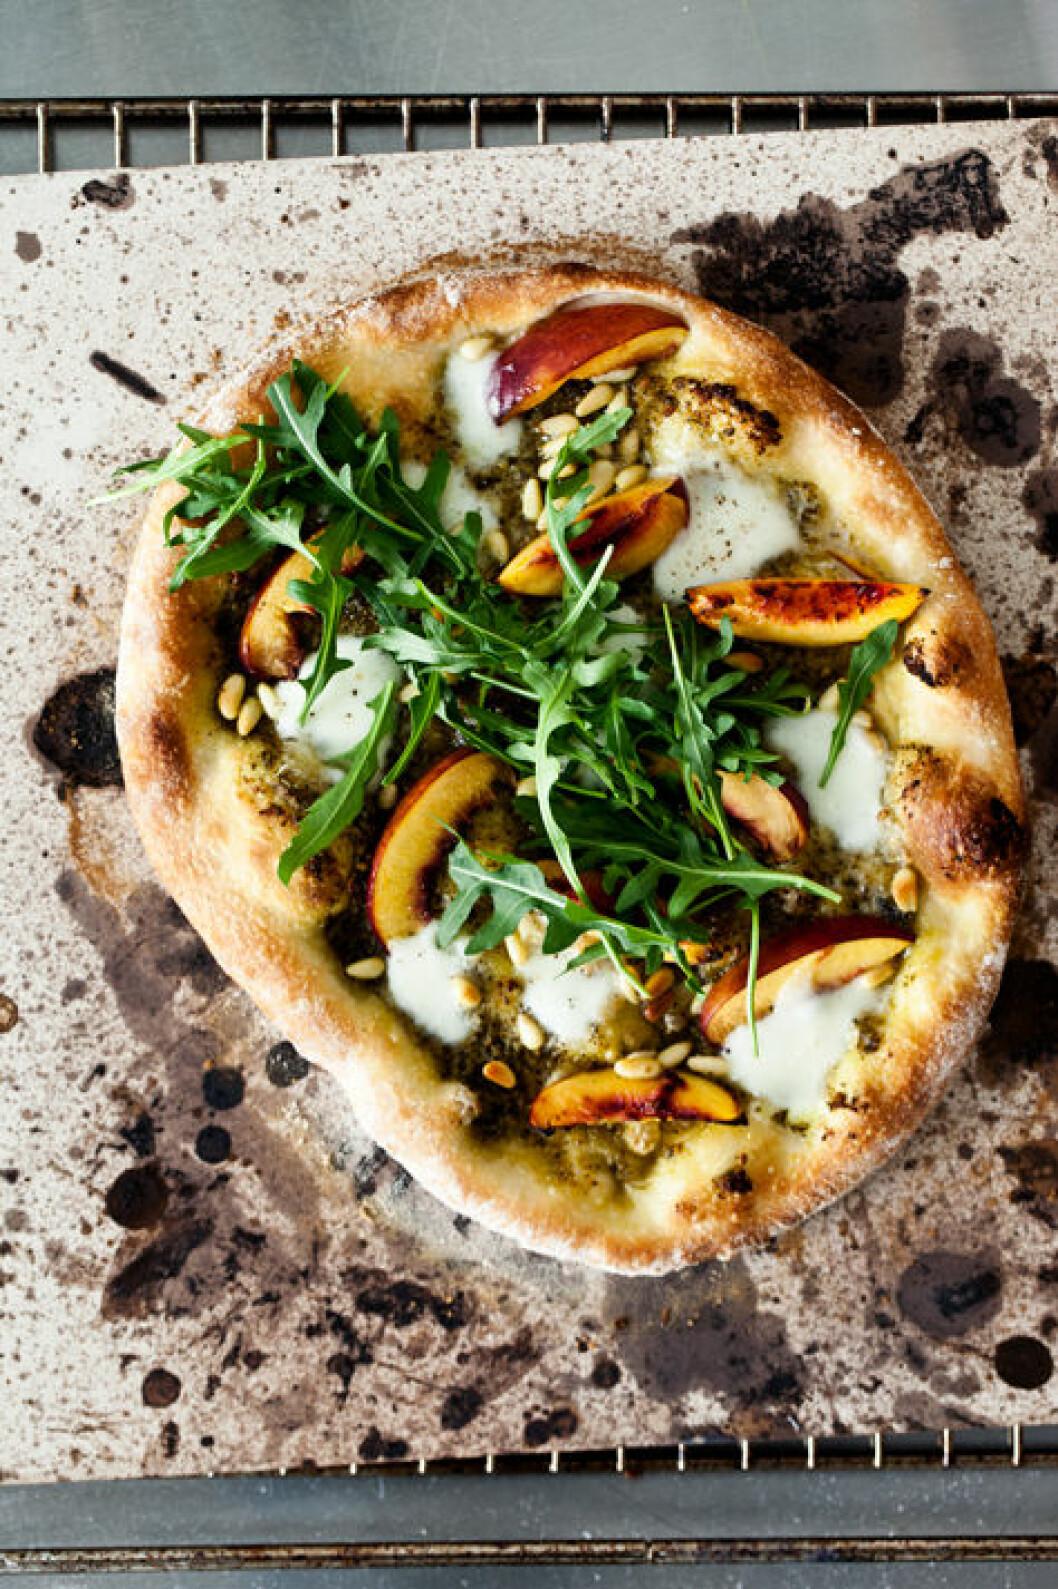 Bjud på pizza med nektariner & rucola. Kvaliteten på hämtpizza varierar så vi kör med säkra kort och bakar vår egen.